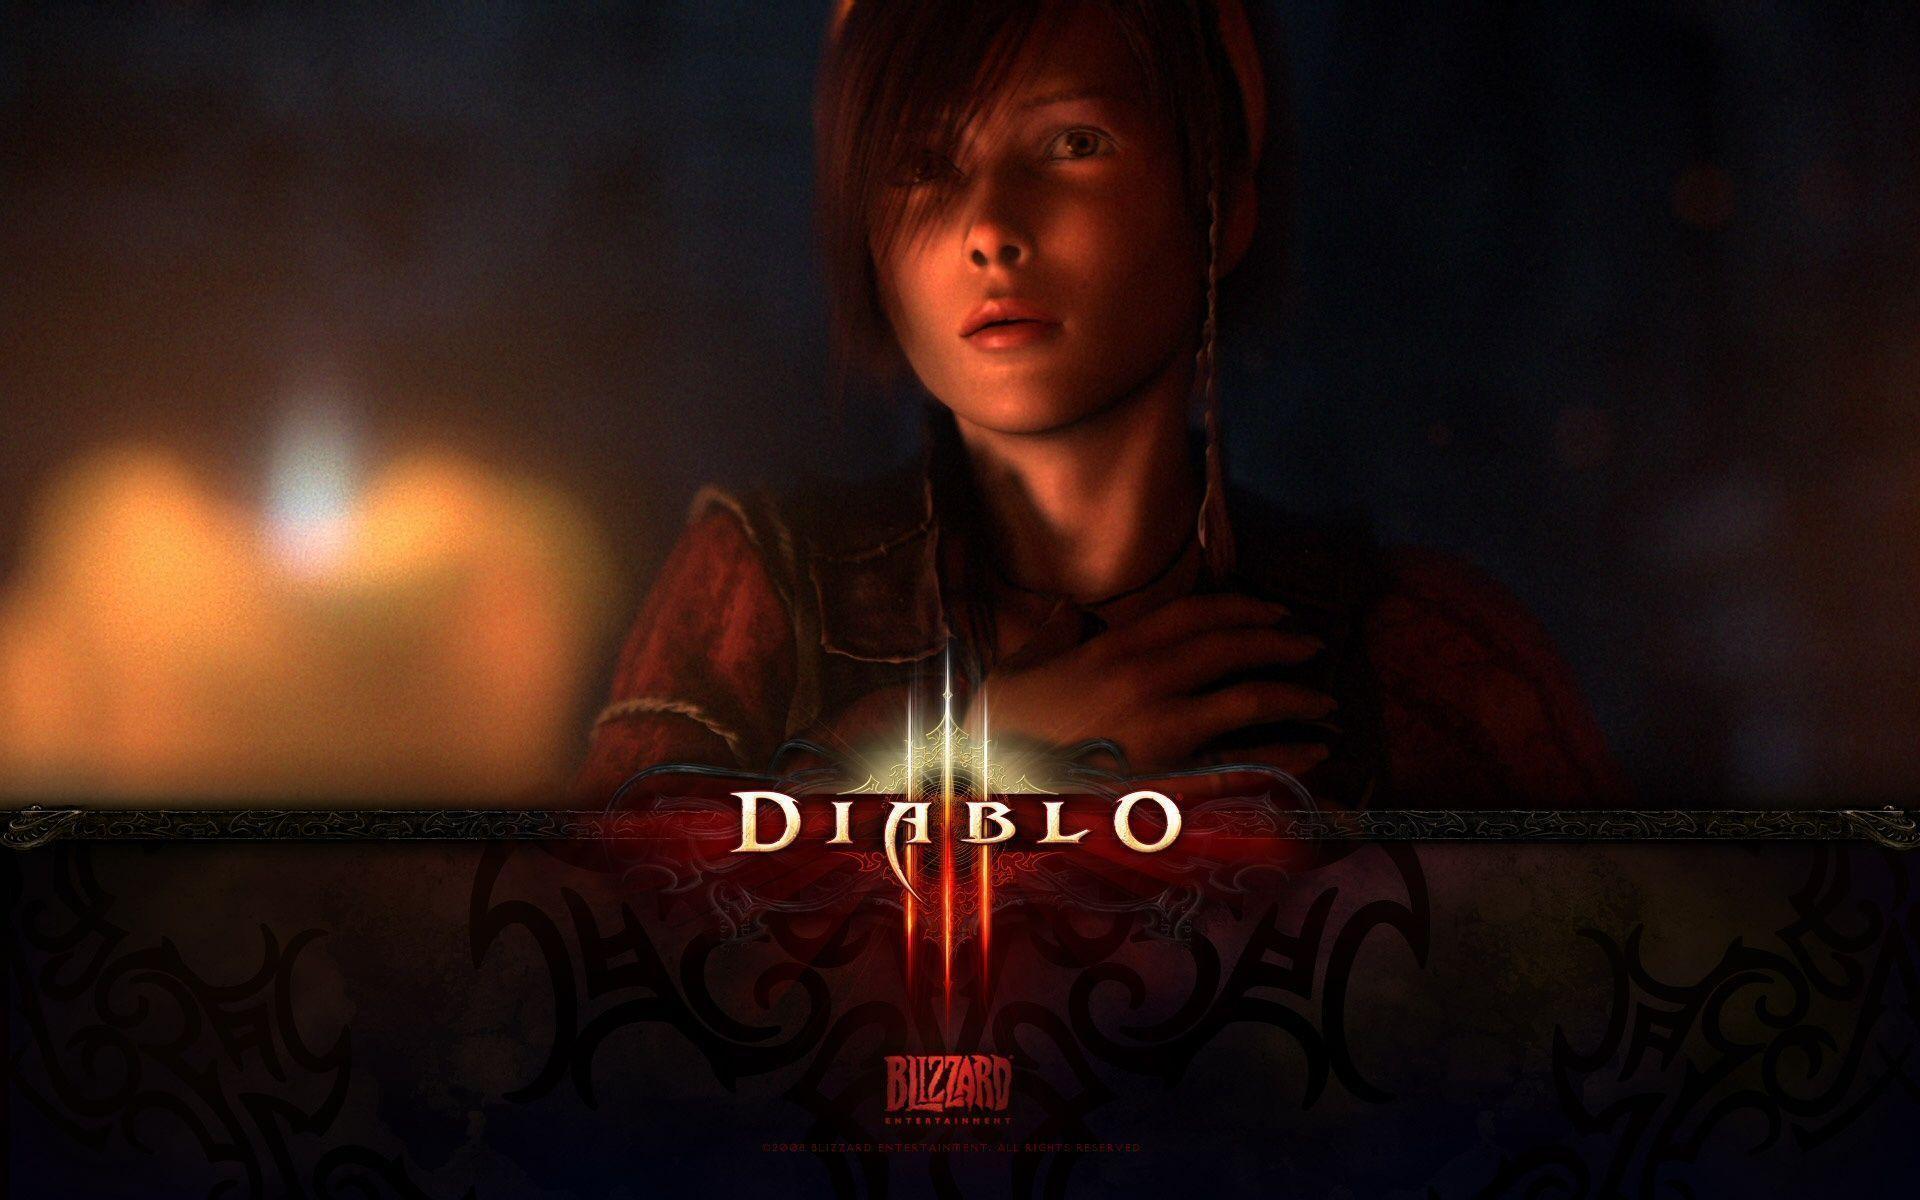 Diablo Iii Wallpapers Hd Desktop 1920x1080PX ~ Diablo 3 Wallpaper ...